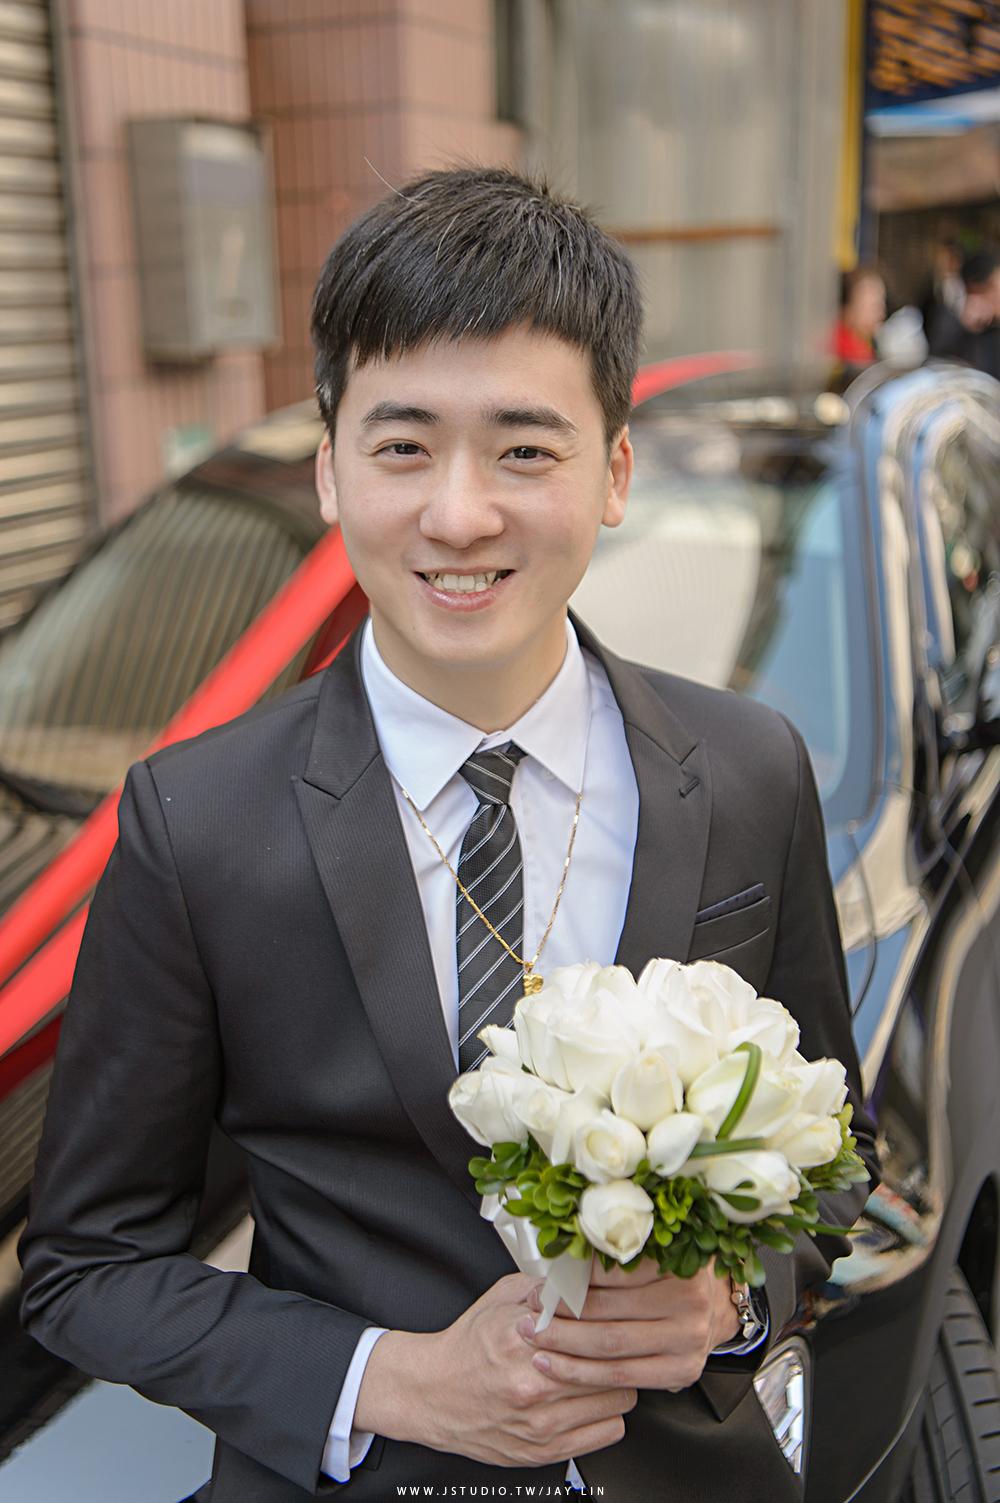 婚攝 台北婚攝 婚禮紀錄 婚攝 推薦婚攝 格萊天漾 JSTUDIO_0066